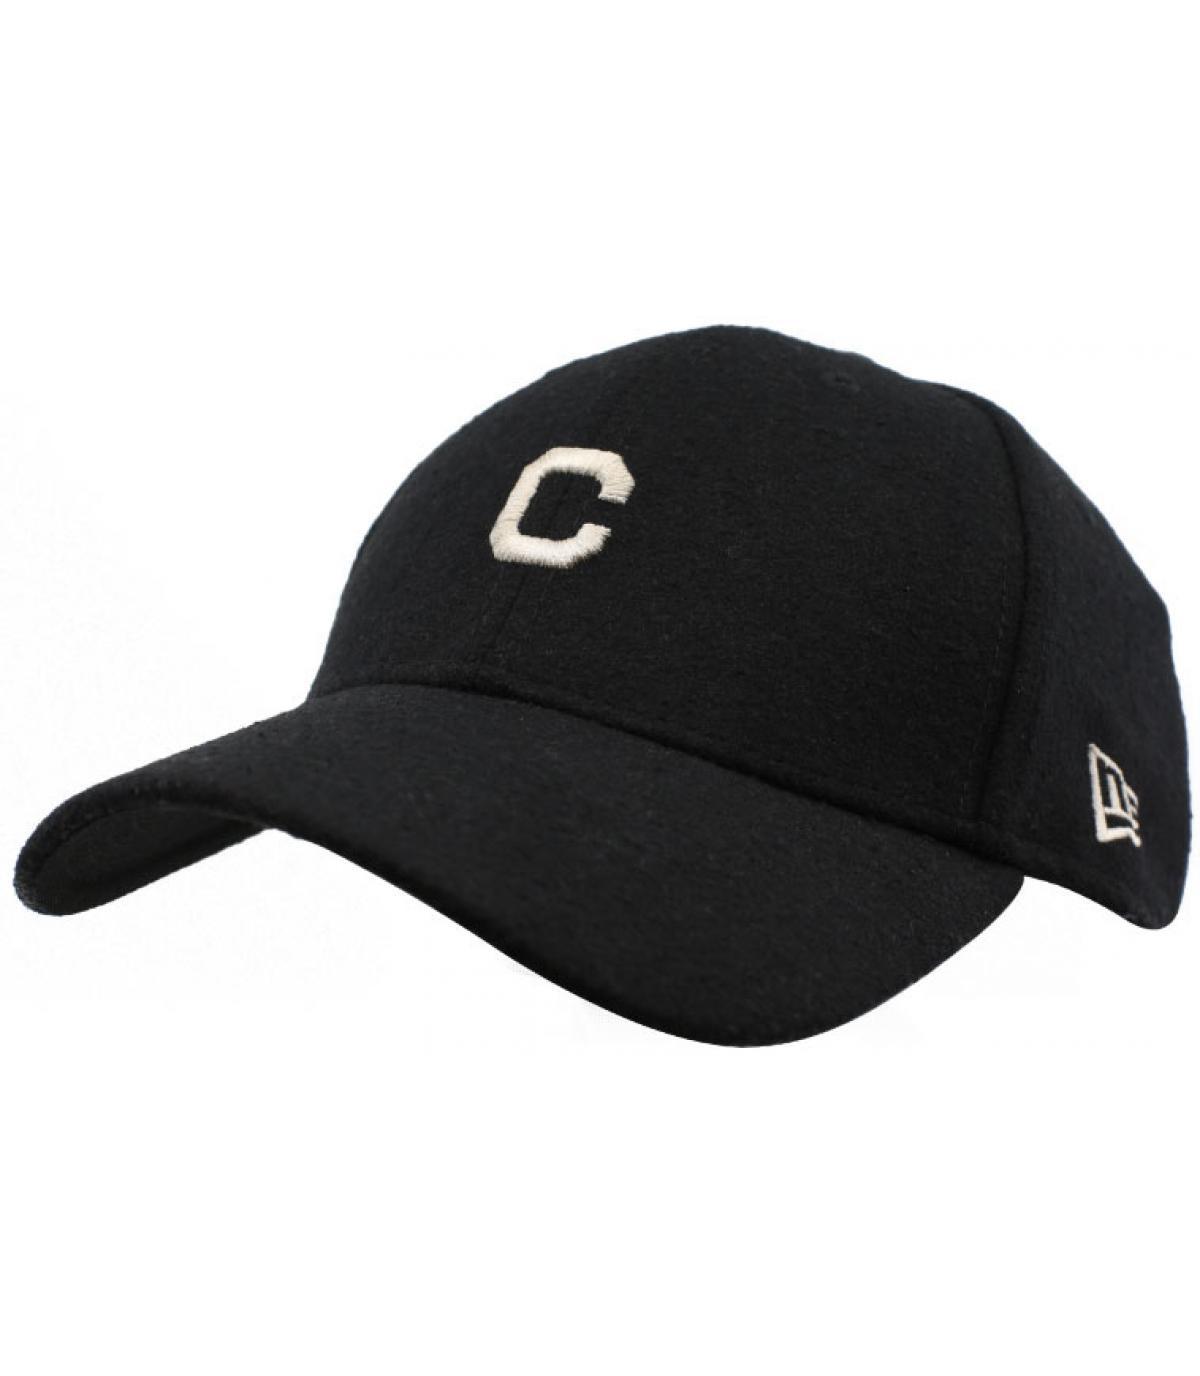 Détails Casquette Mini MLB Melton 940 Indians black - image 2